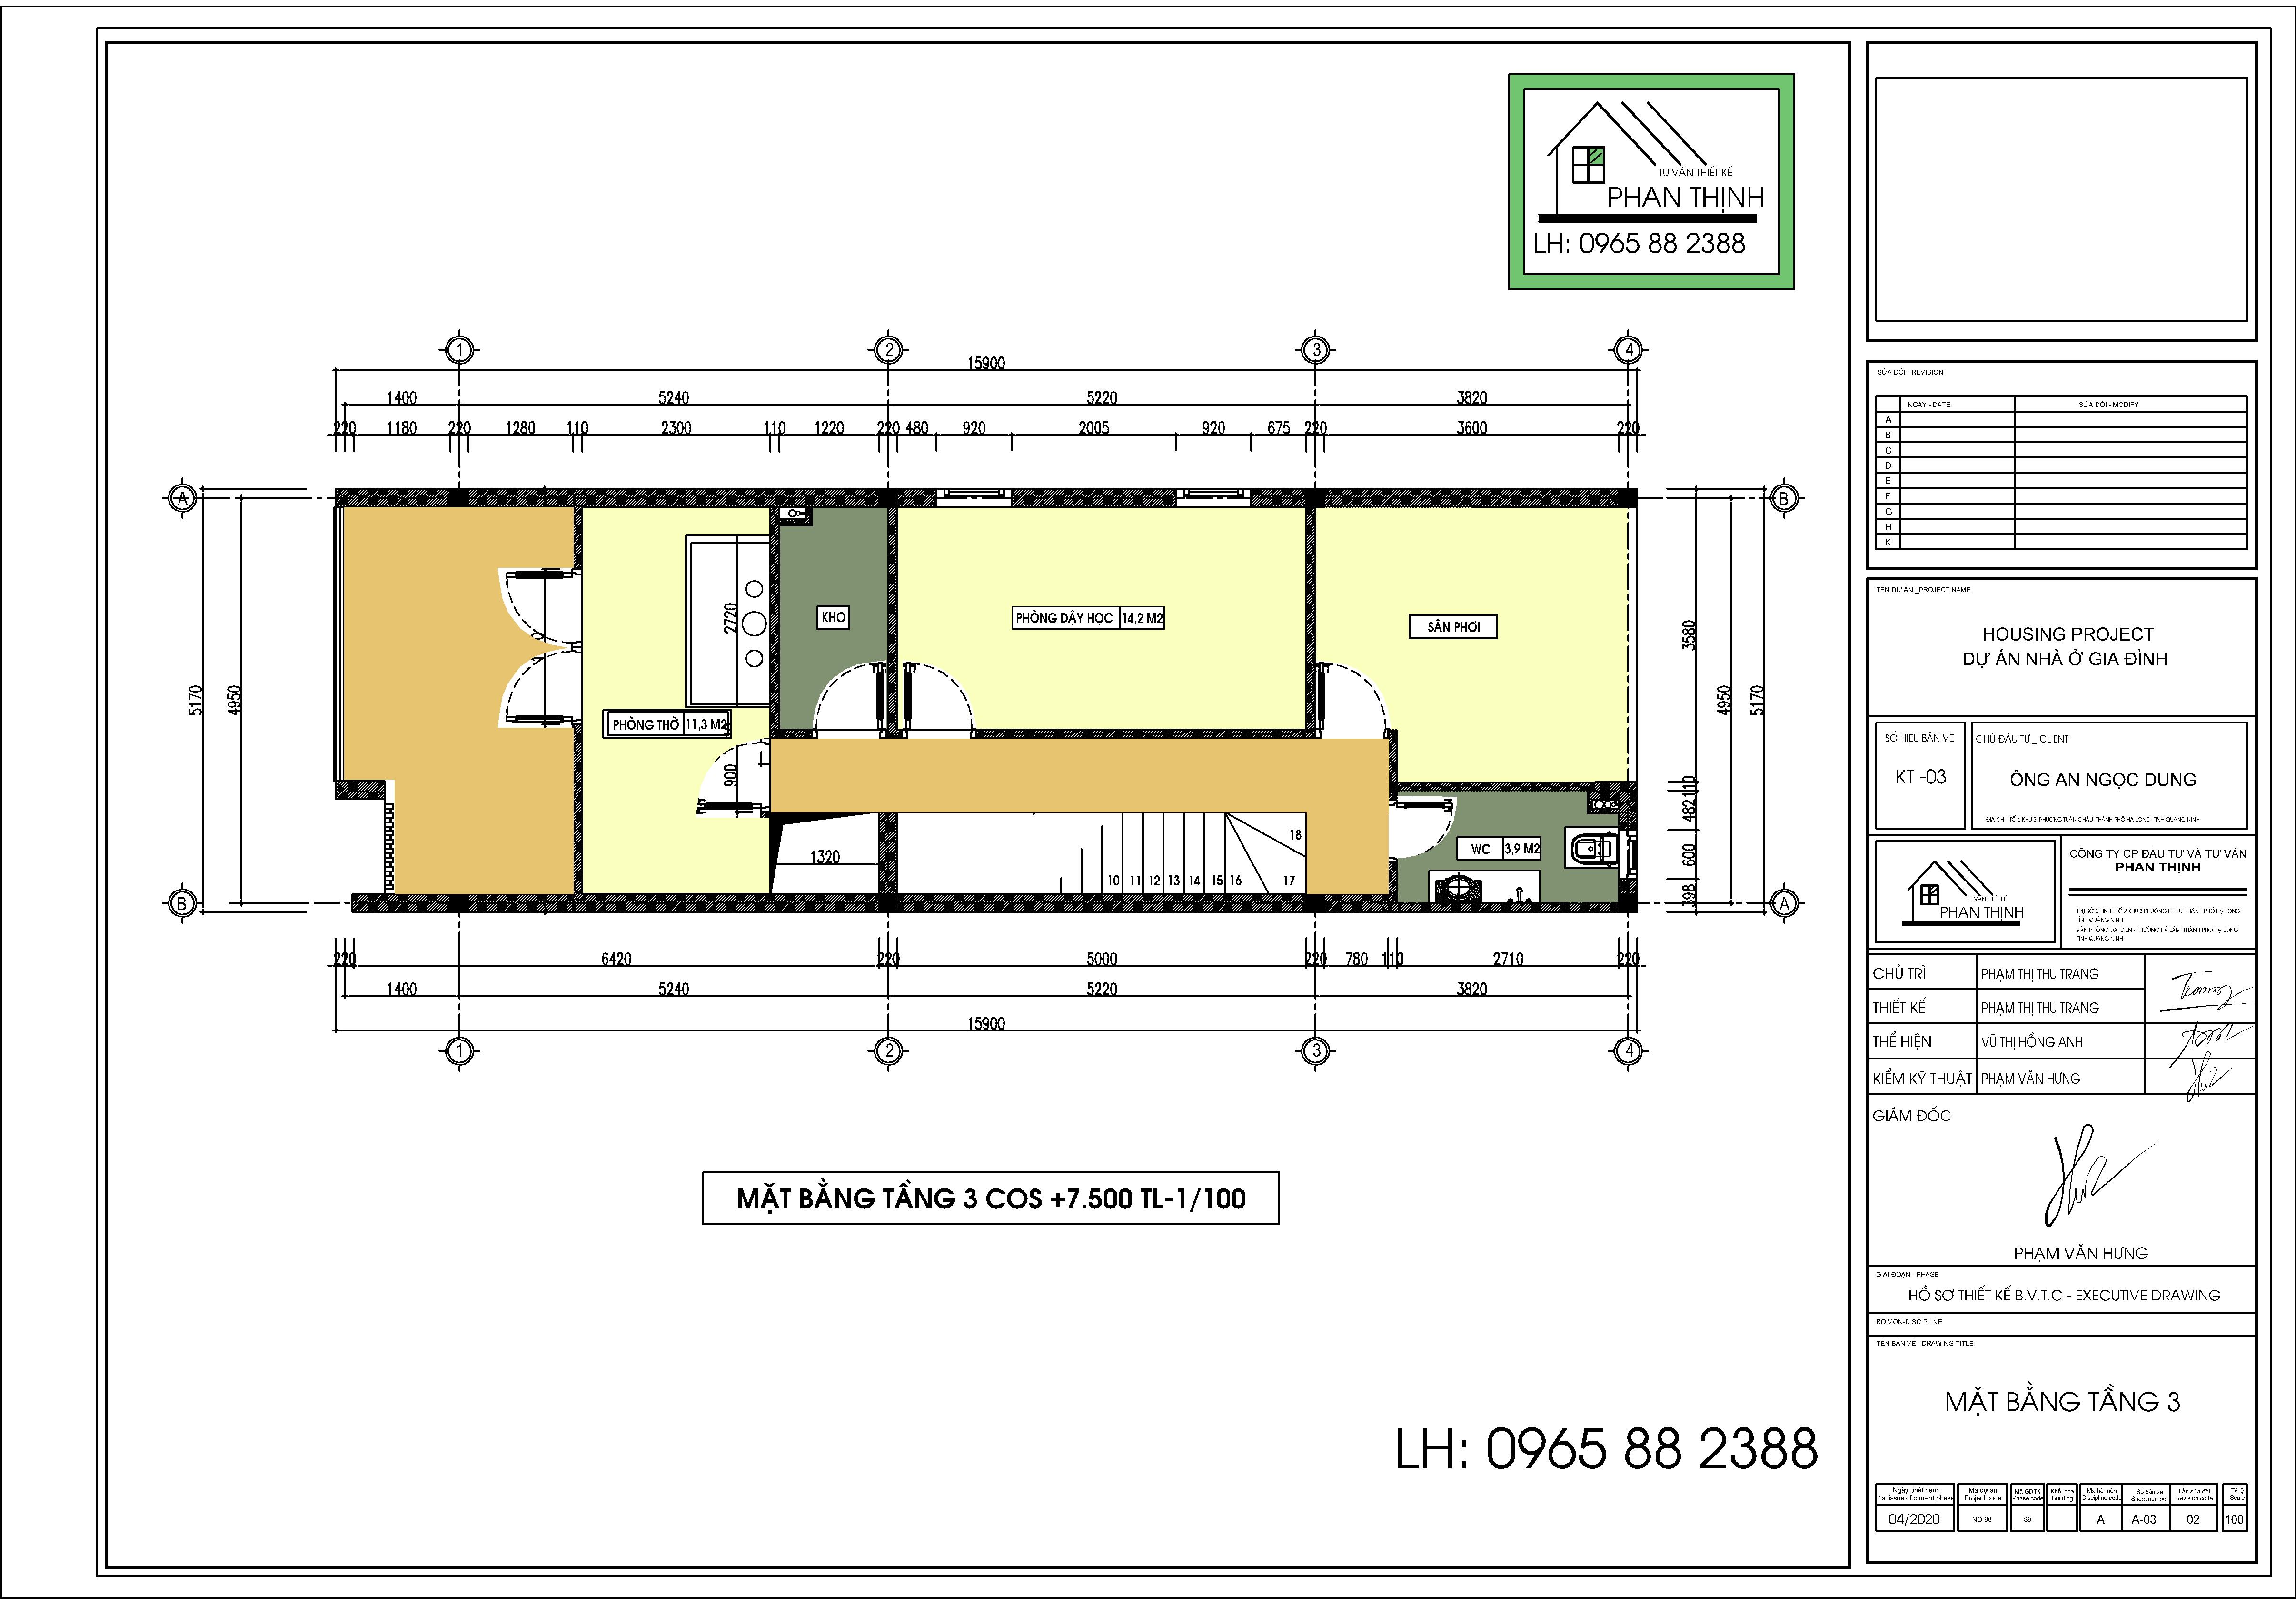 Thiết kế tầng 3 ngôi nhà 3 tầng ở Quảng Ninh